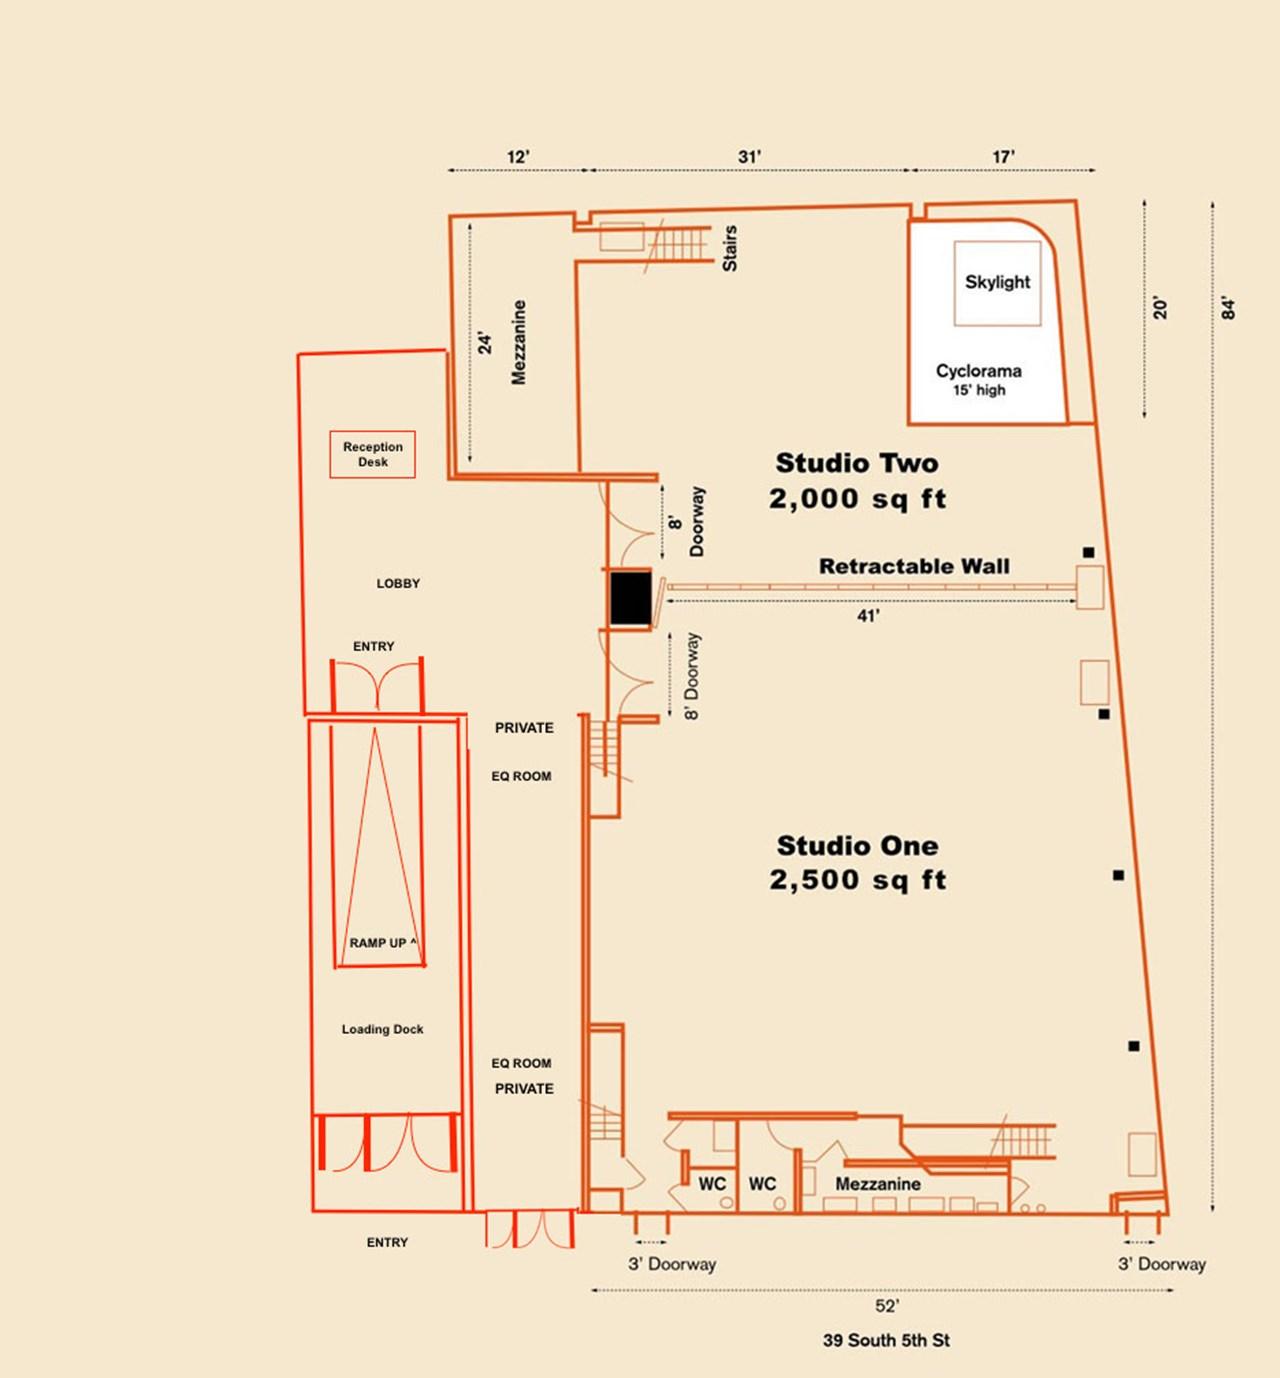 IndustriaNYC_StudioOneAndTwo_FloorPlan.jpg